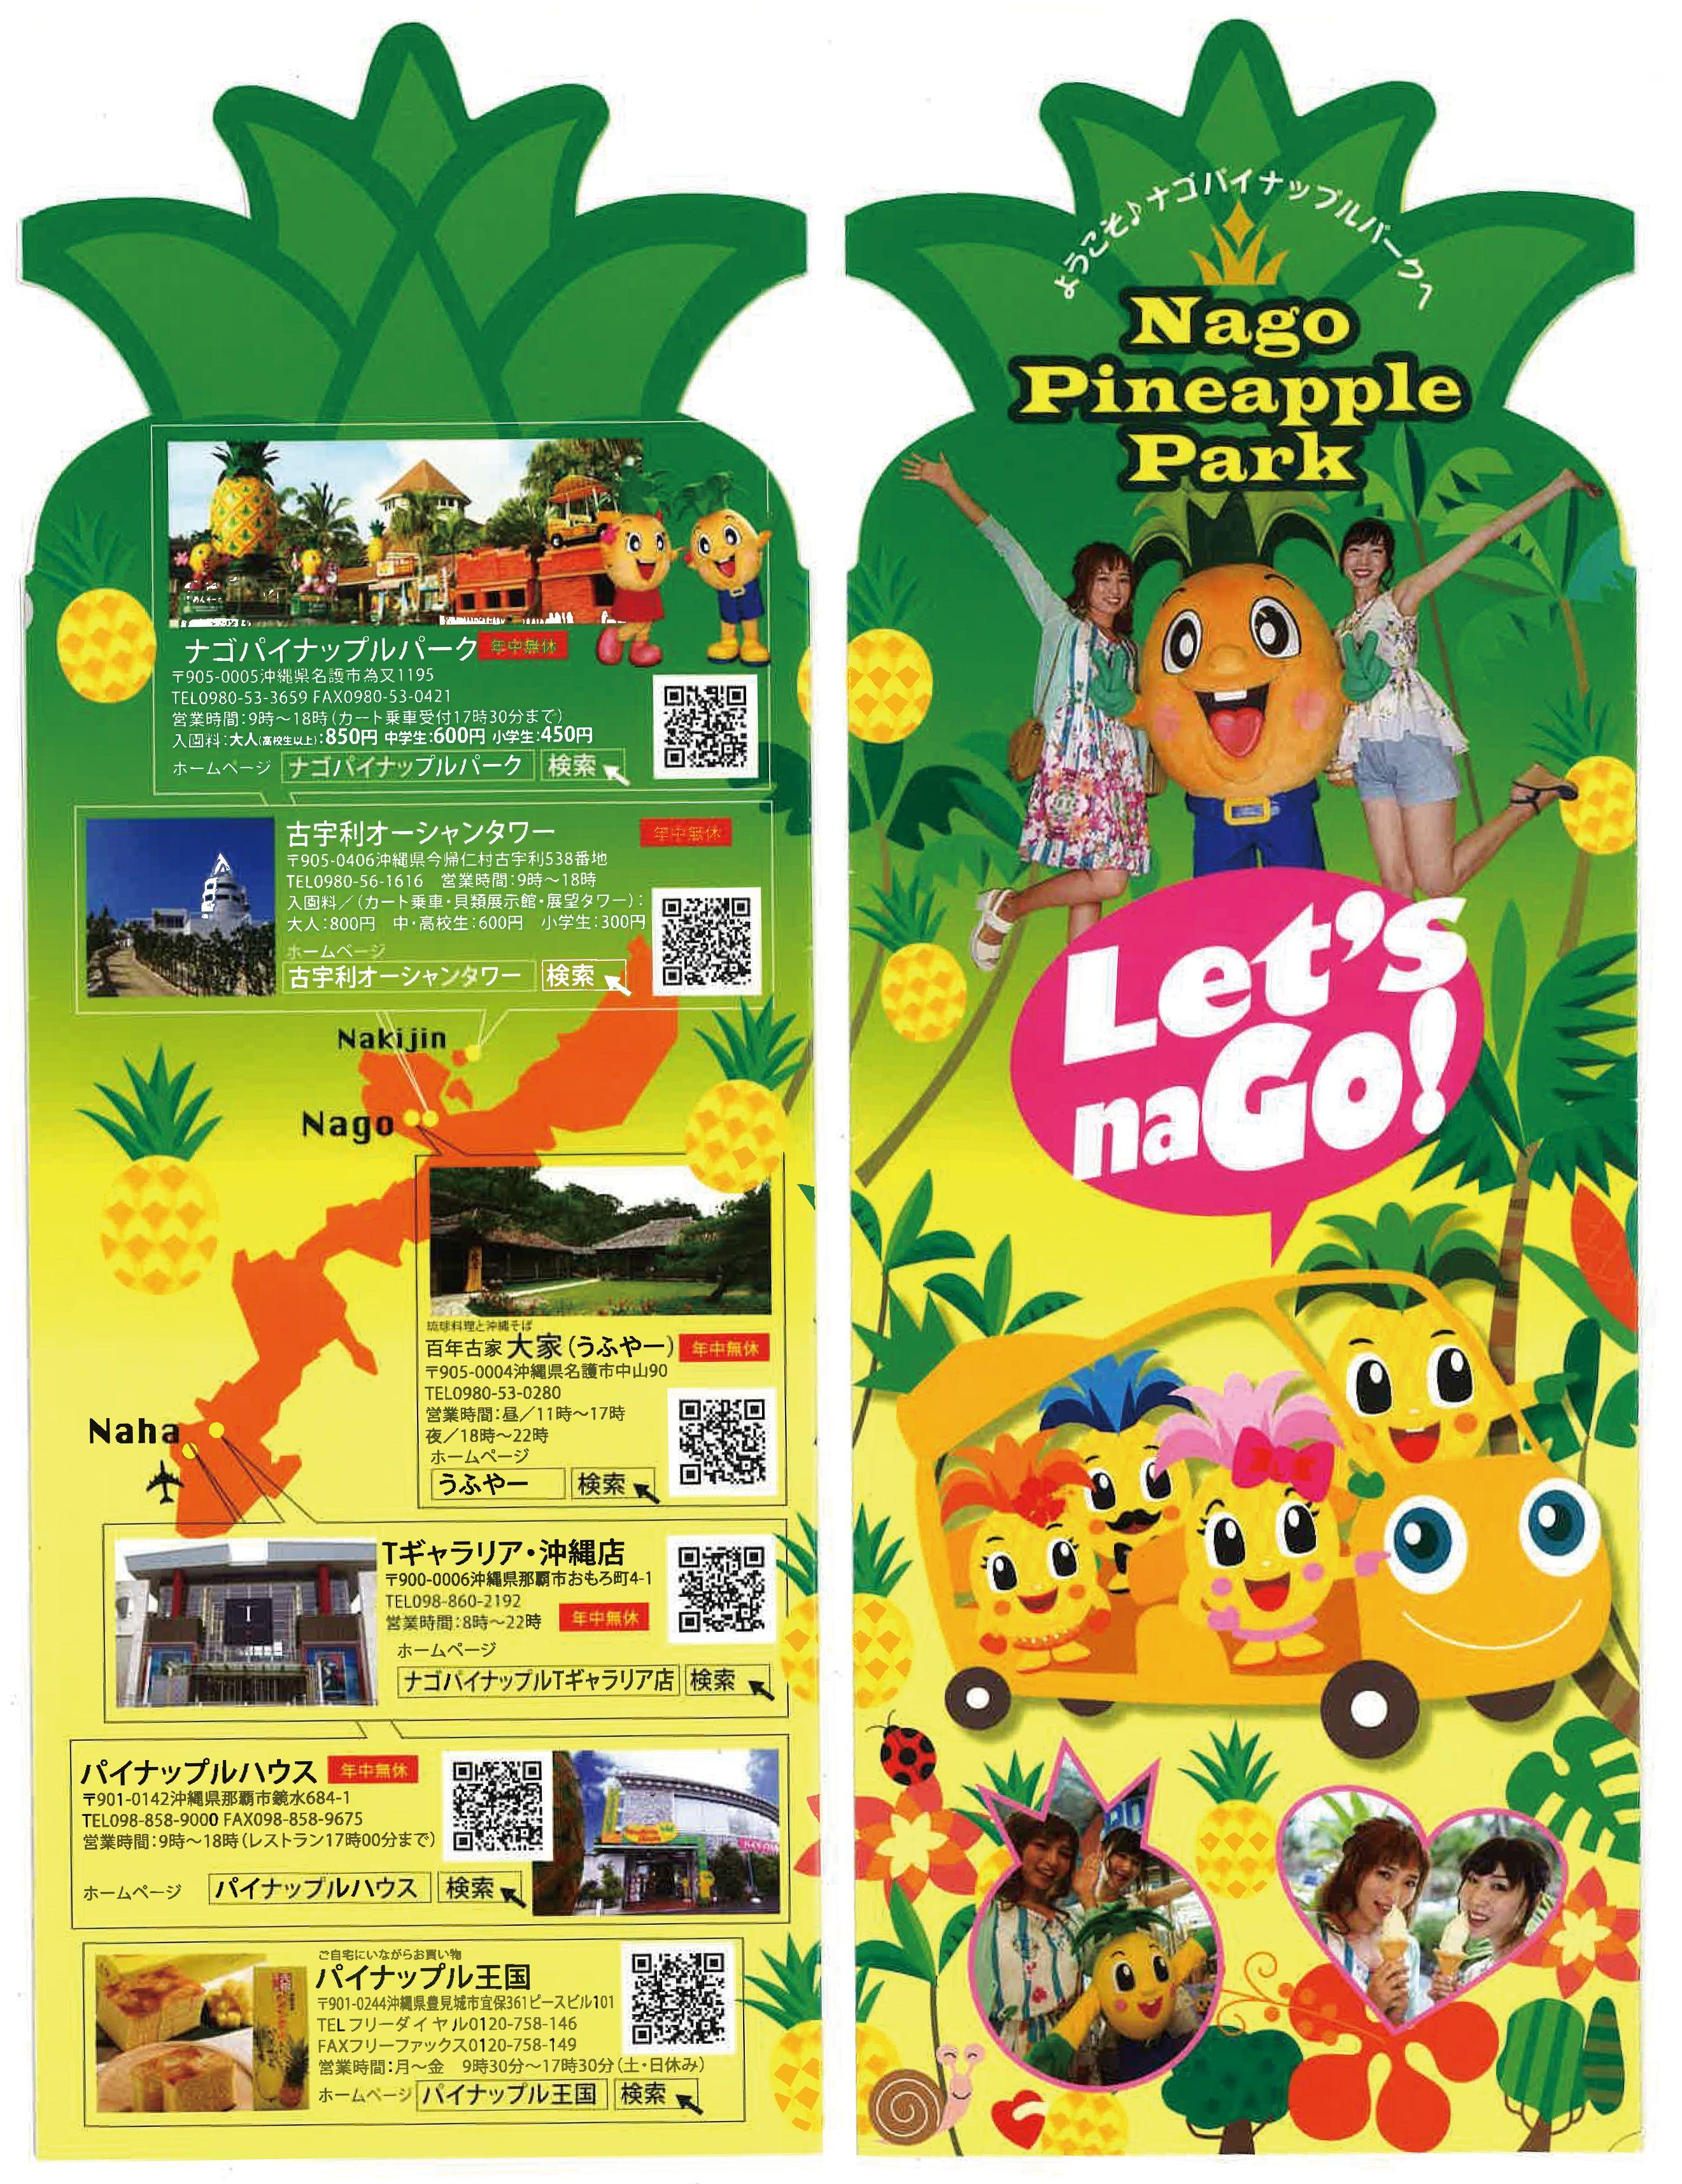 トロピカル観光パンフ表紙裏表紙デザイン参考 トロピカル 観光 パンフレット パンフレット 表紙